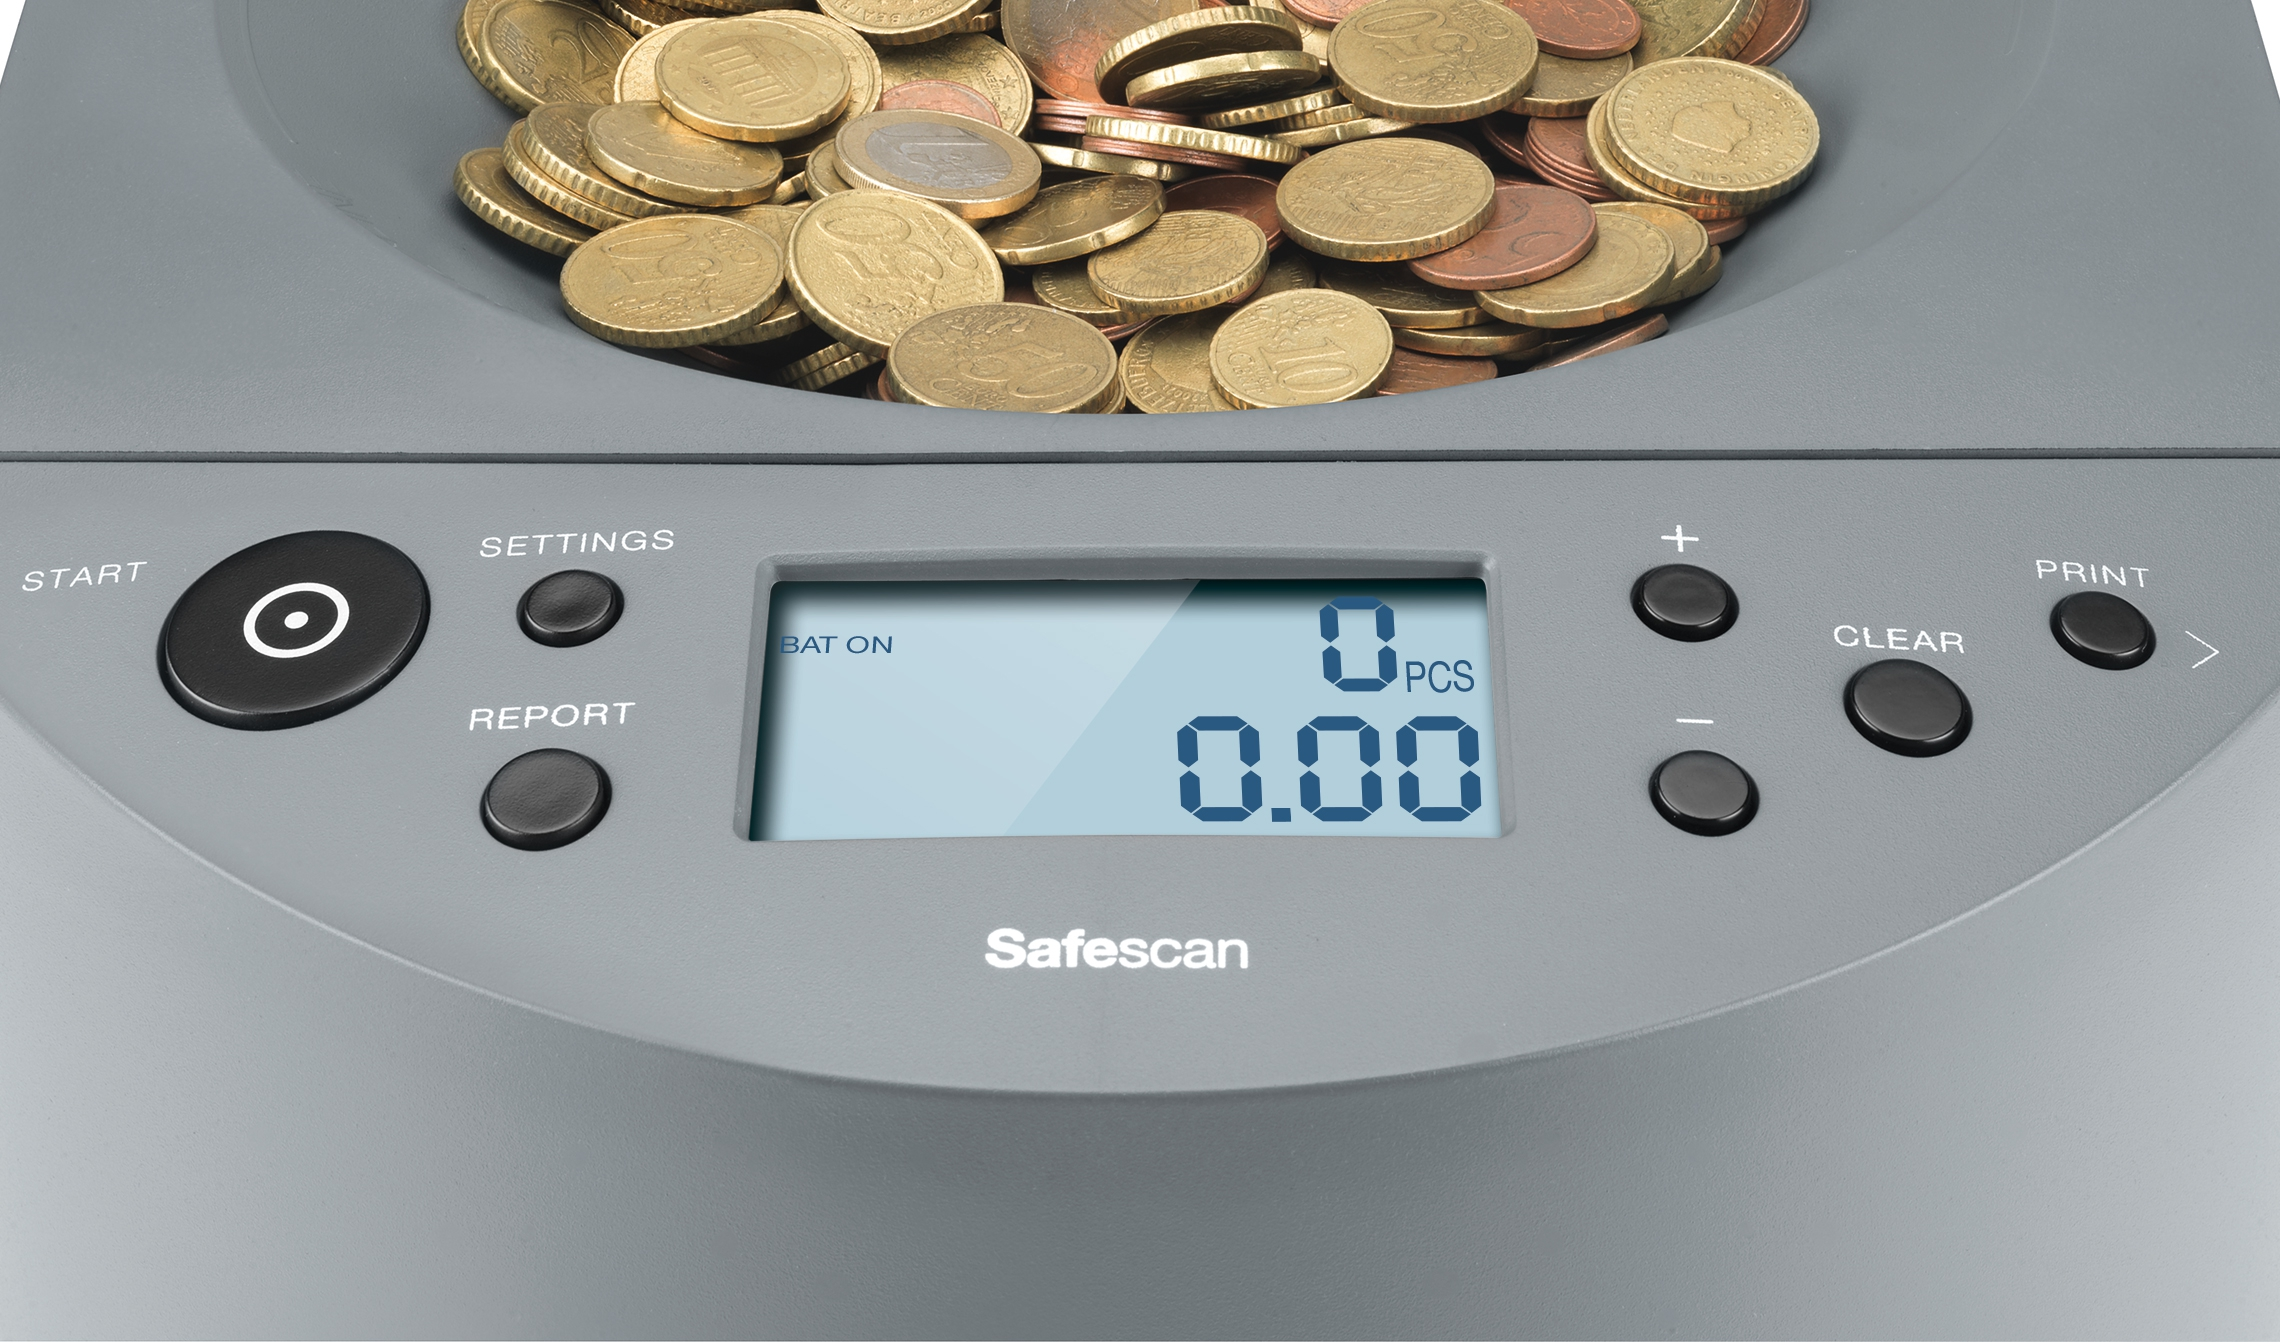 safescan-1450-eur-monete-contamonete